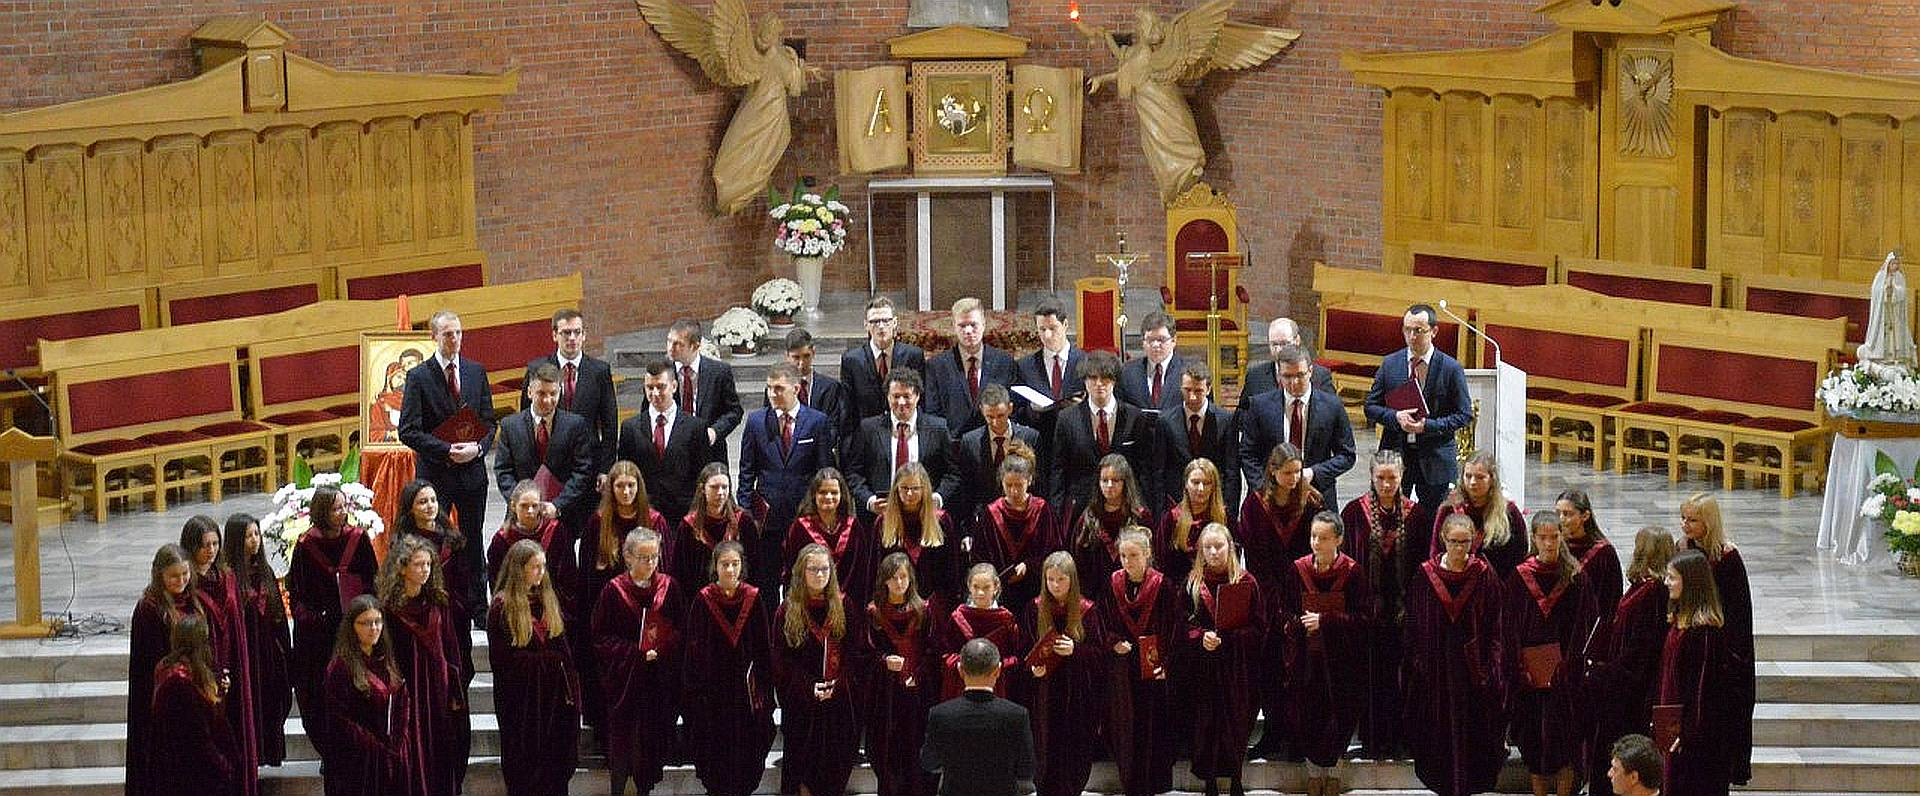 Nasi chórzyści zaśpiewali Koncert Maryjny